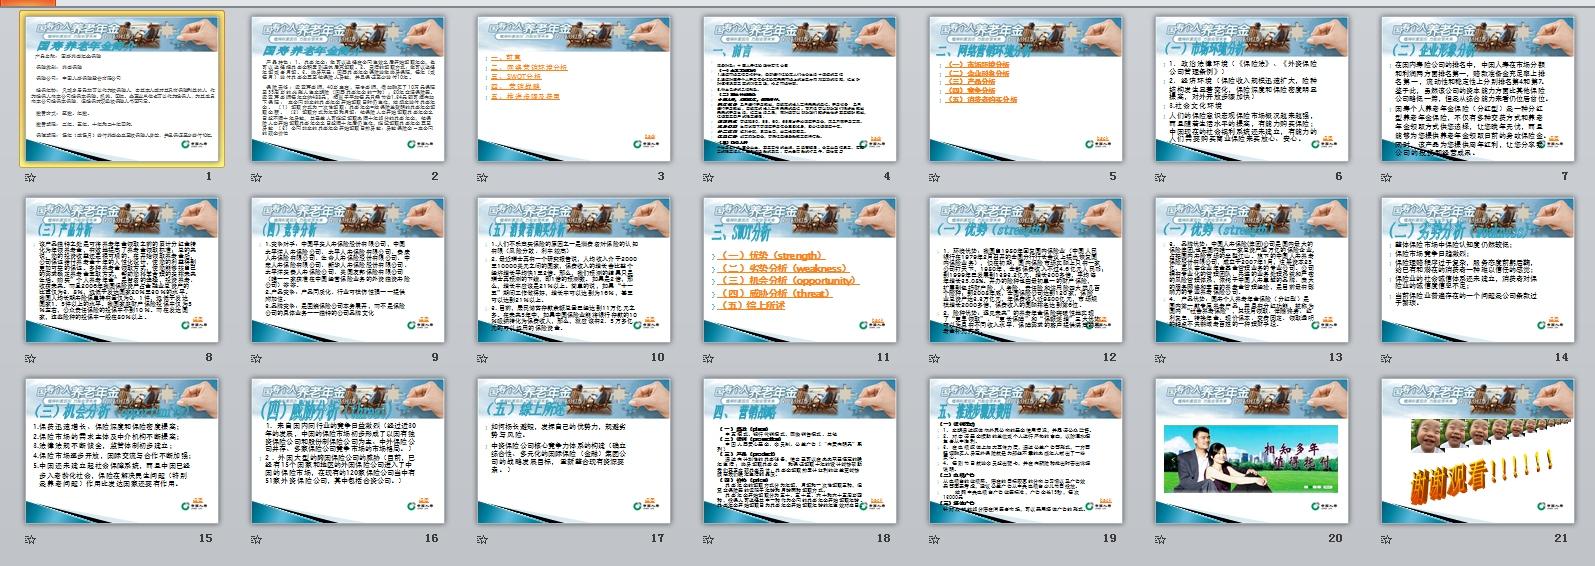 国寿养老年金保险--营销策划PPT模板